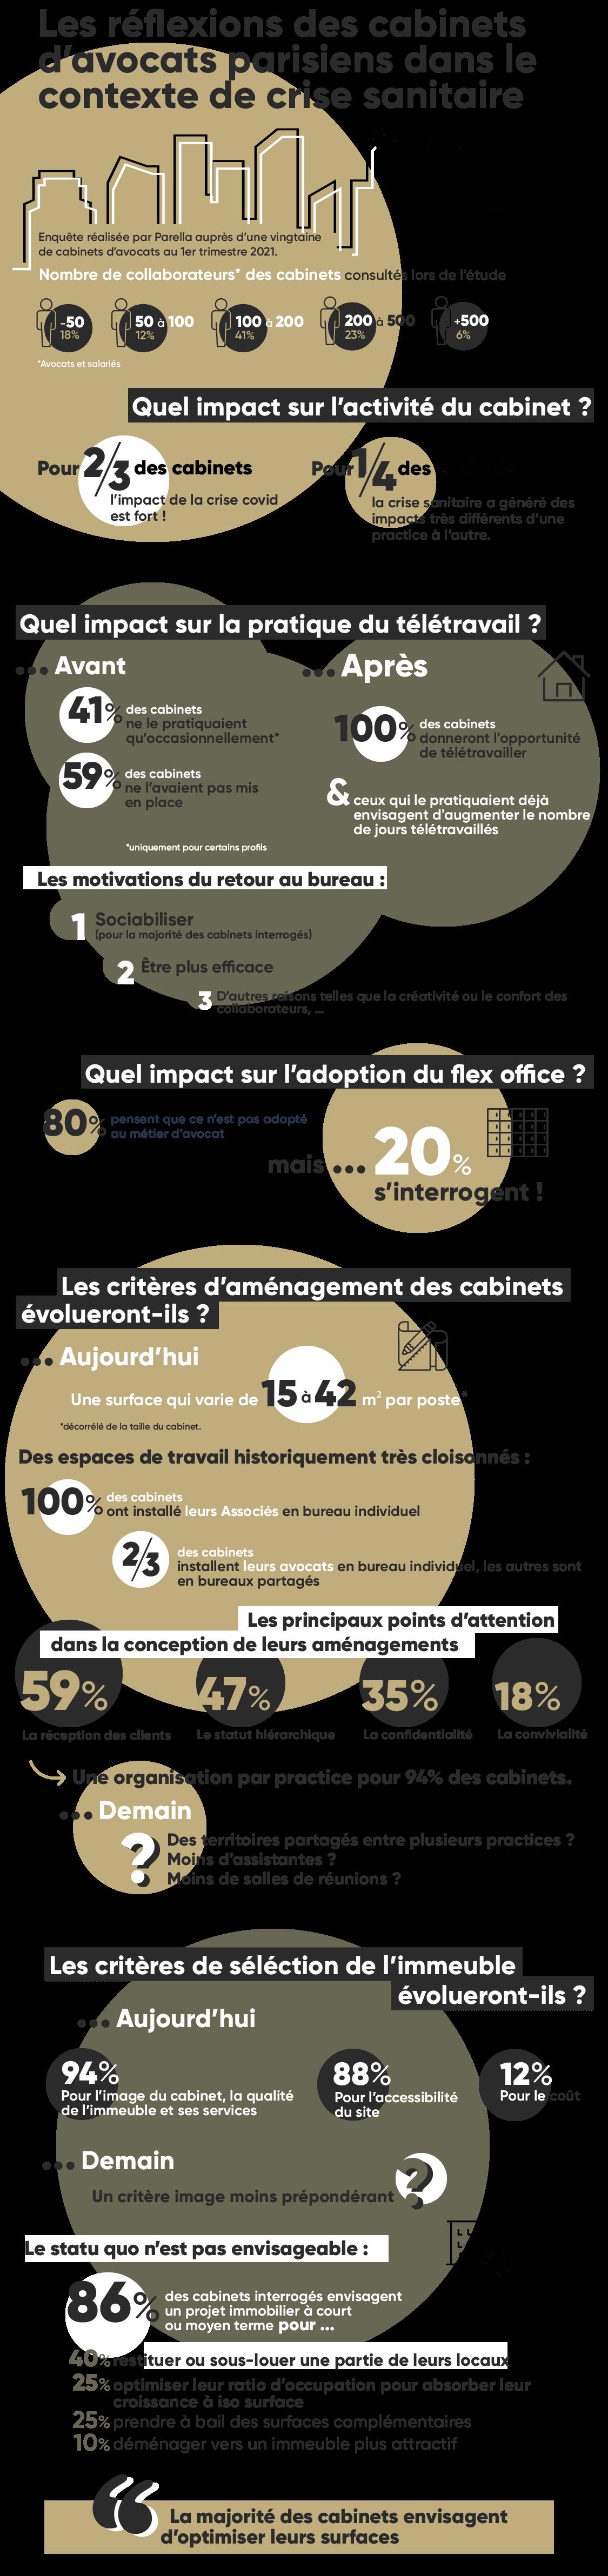 Infographie Parella Enquête Réflexions immobilières Cabinets Avocats Parisiens